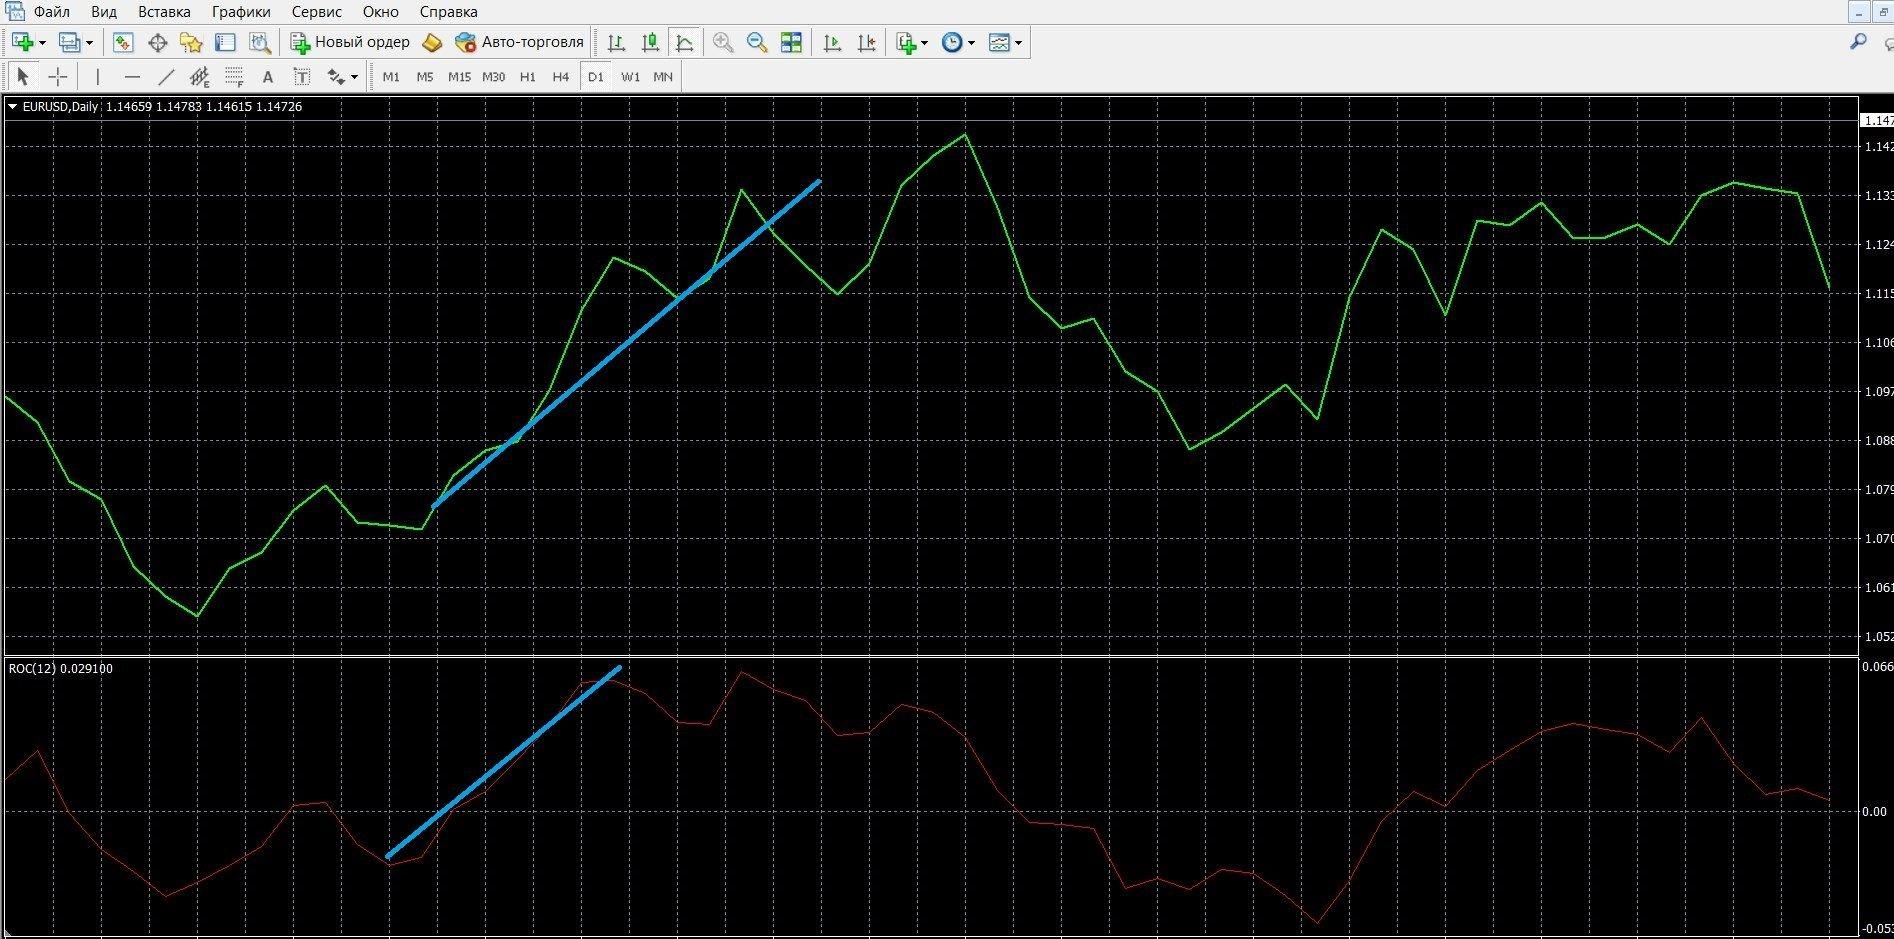 ROC: сигнал перекупленности в терминале МТ4